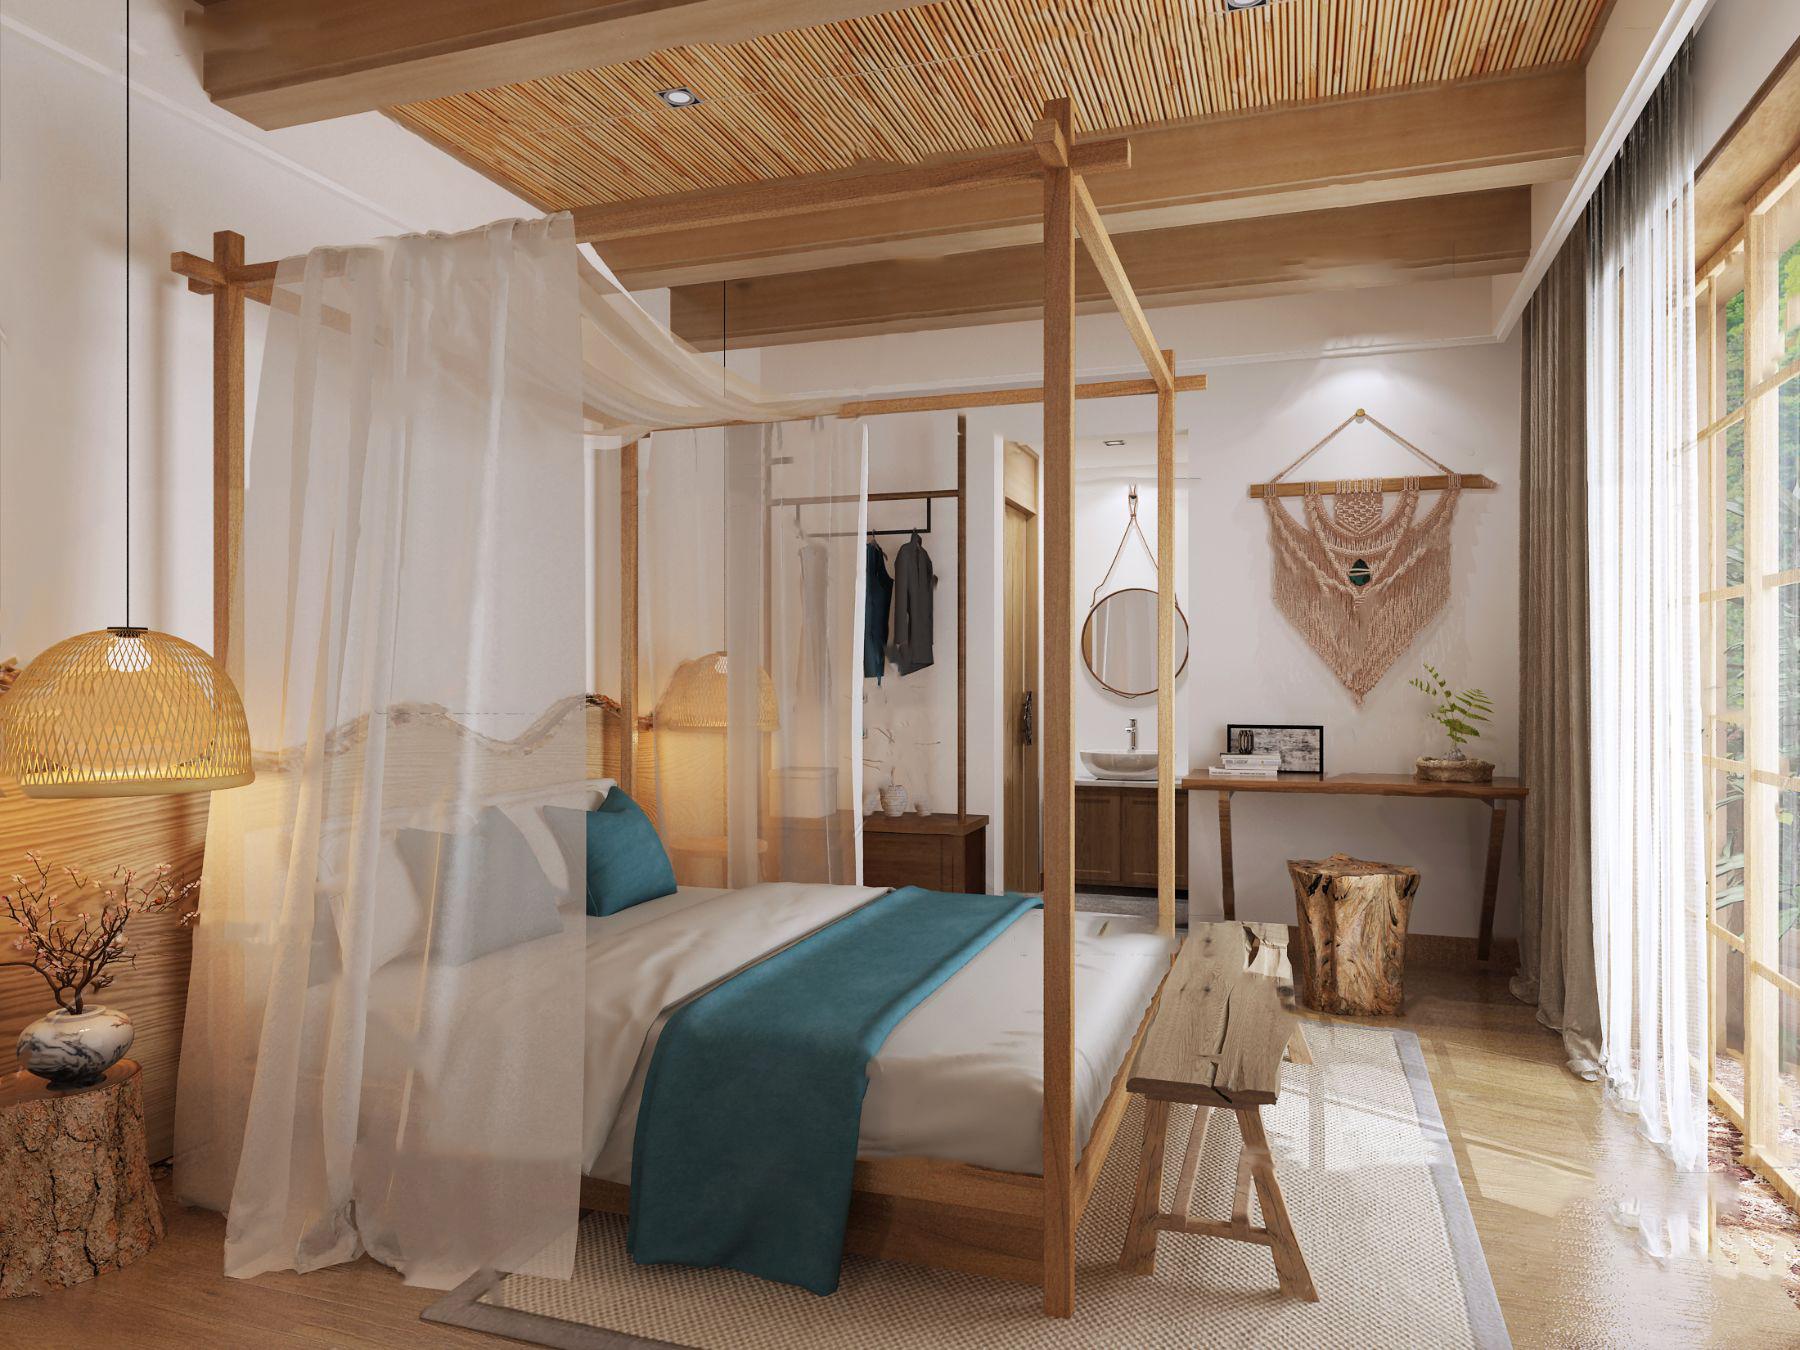 自然風民宿酒店客房3d模型